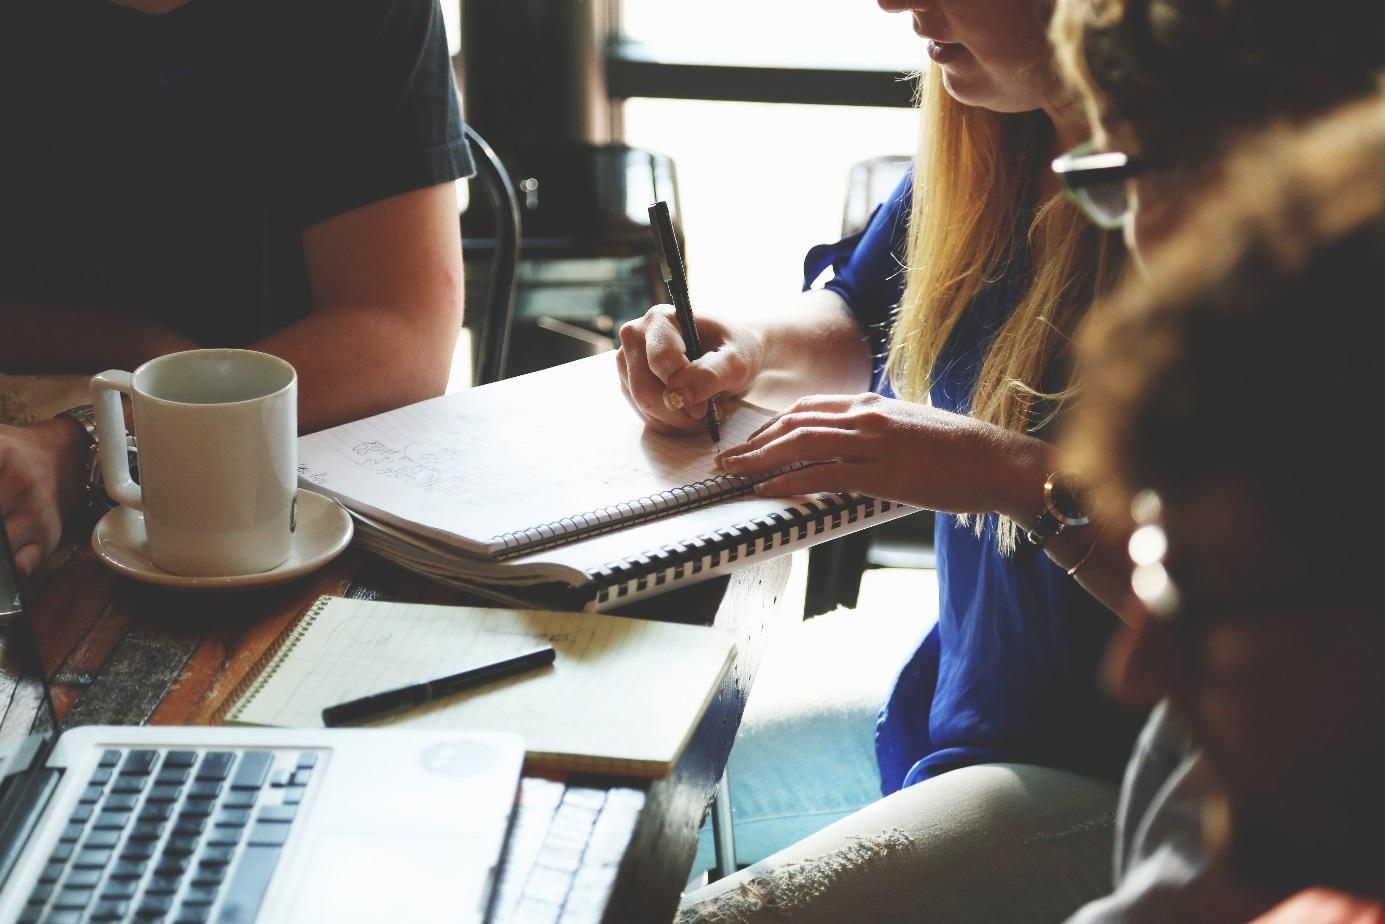 Vier Personen sitzen an einem Tisch mit Arbeitsunterlagen.